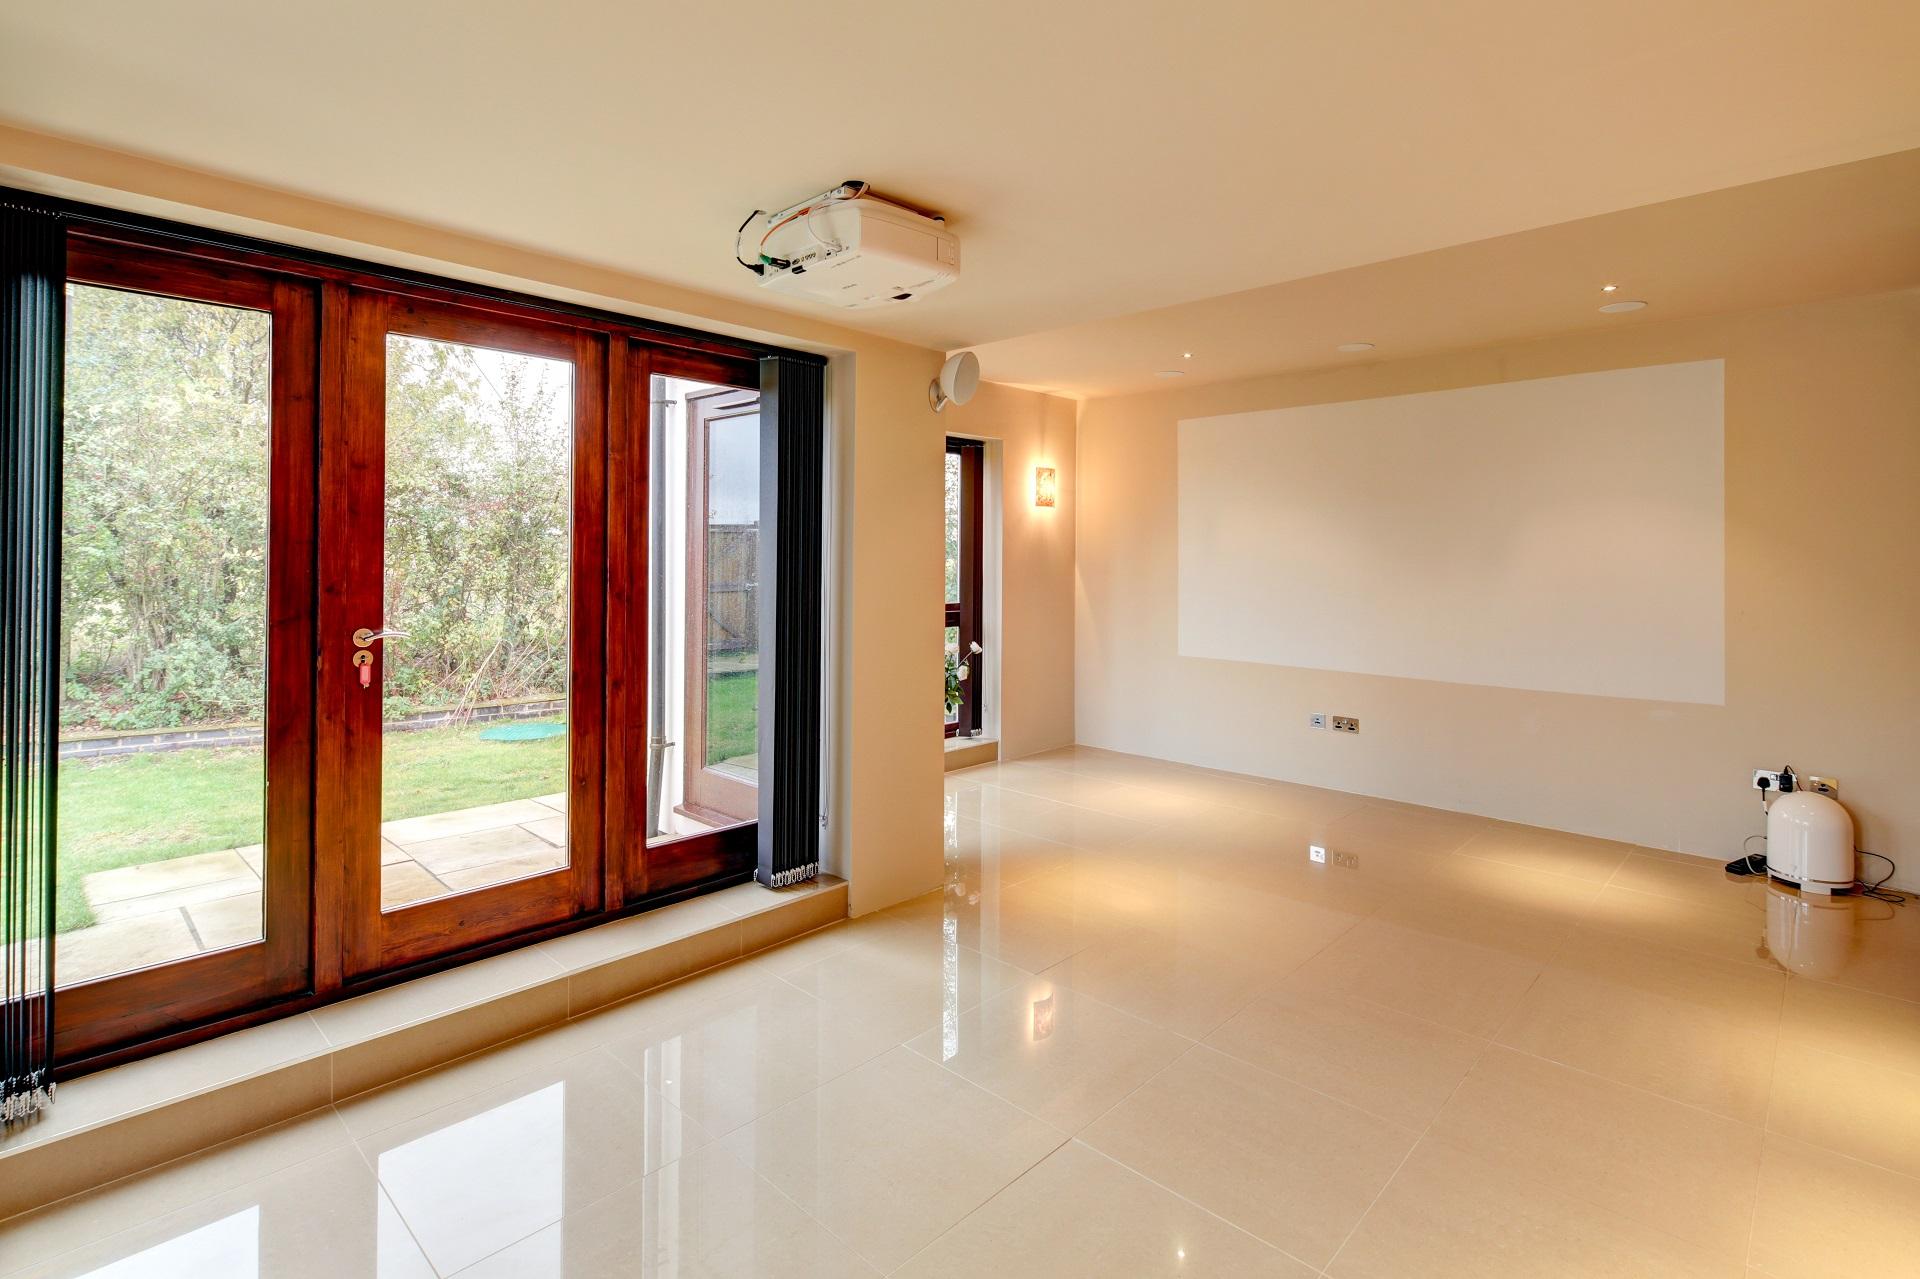 luxury design, wall projector, bi-fold doors, nottingham fern hill